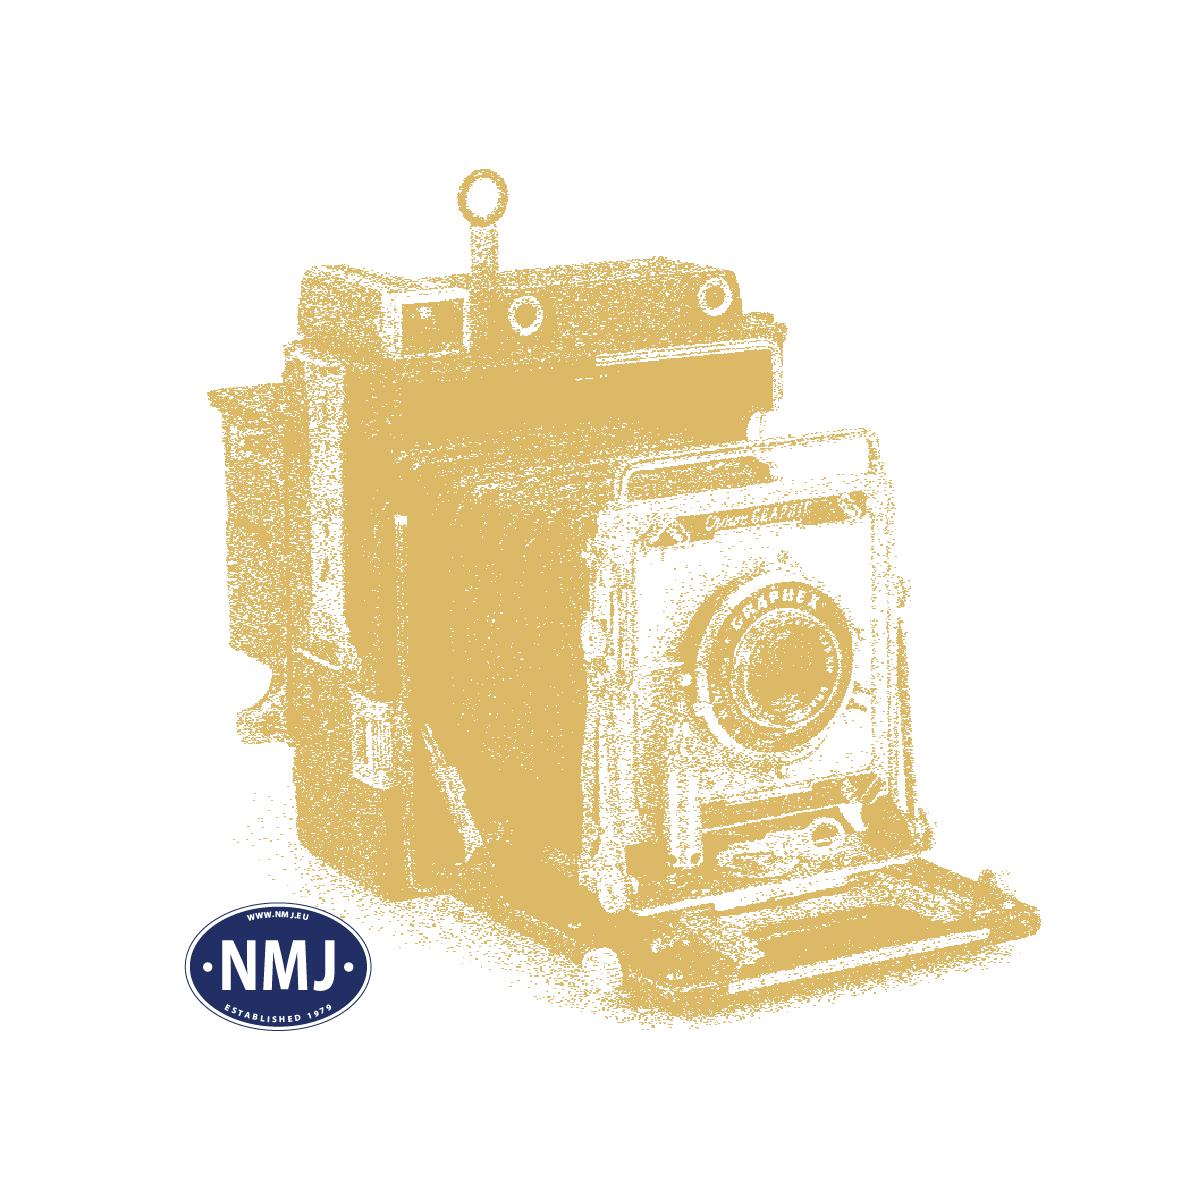 NMJT505.302 - NMJ Topline NSB Rps 31 76 393 3 323-4 m/ Finsam fliskasser